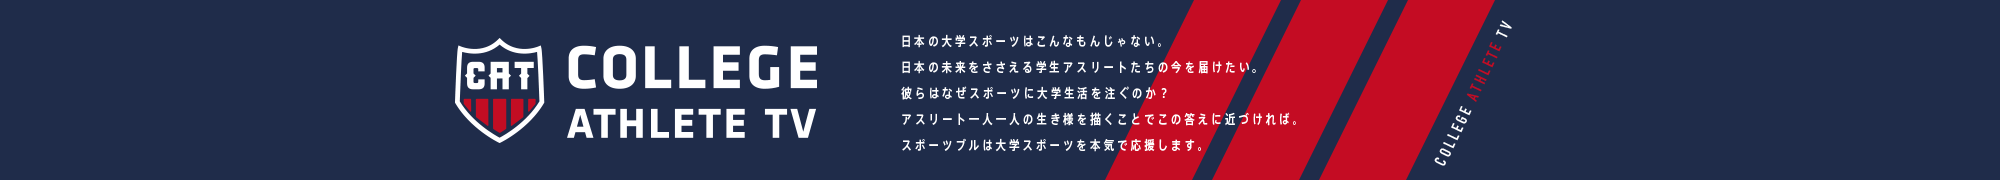 3月下旬の花冷えの中、古野博人選手(日本大学)が厩舎に向かっていく。時刻は午前4時。相棒である桜陽の世話をするのだ。馬房の掃除に始まり、栄養剤が入った餌を与え、蹄に詰まった汚れを落…